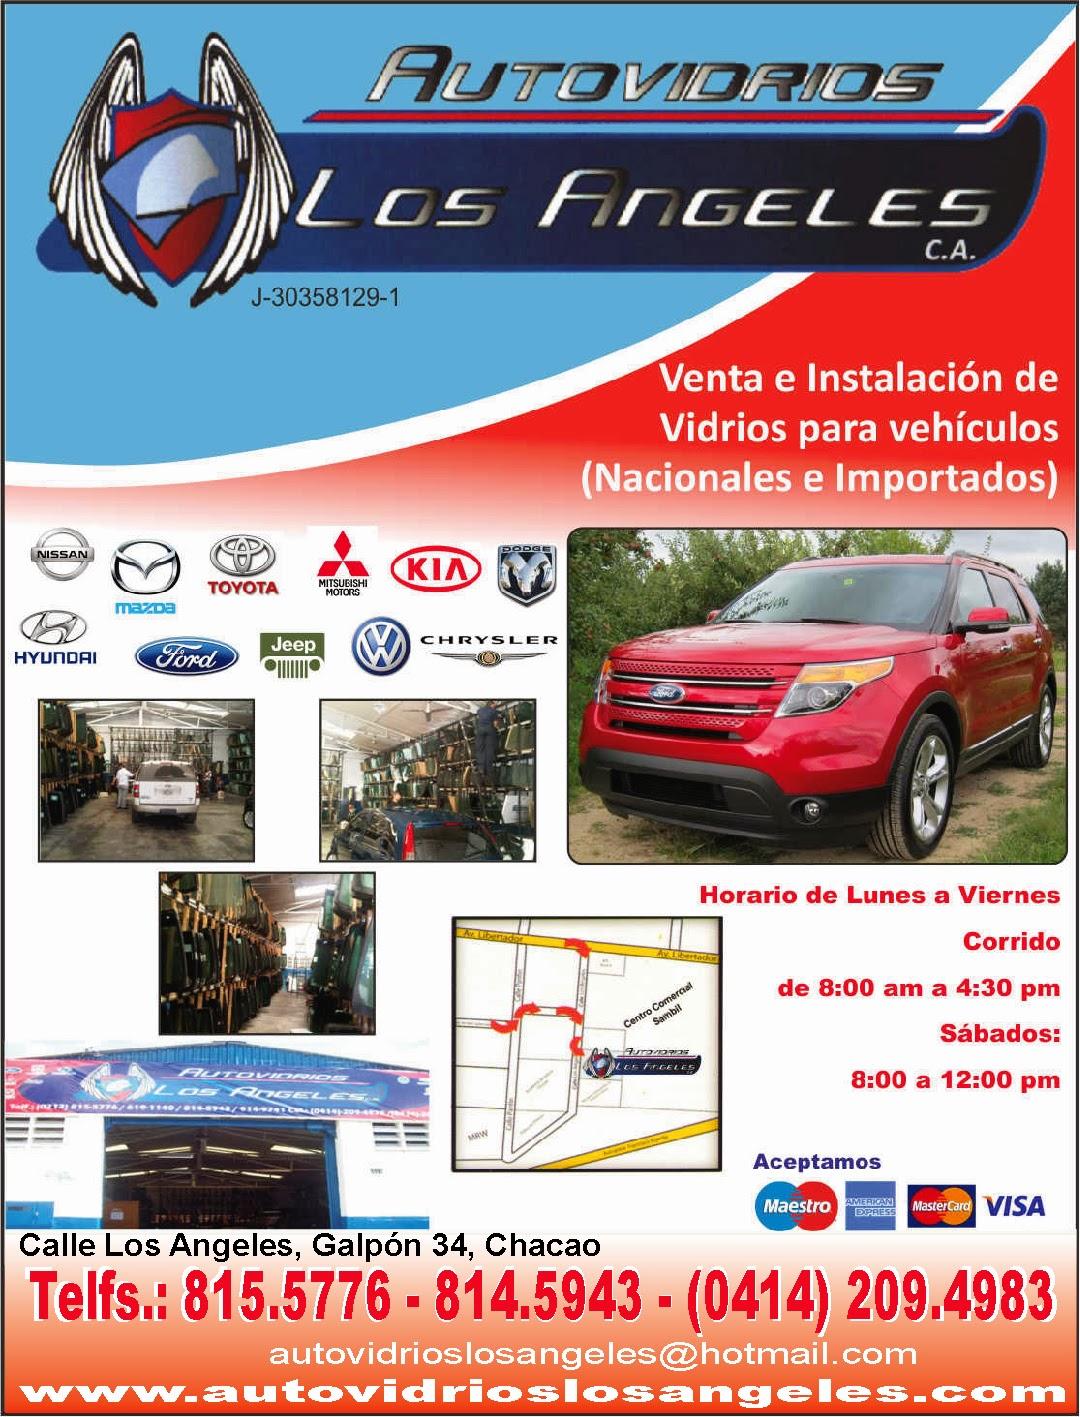 AUTOVIDRIOS LOS ANGELES, C.A. en Paginas Amarillas tu guia Comercial